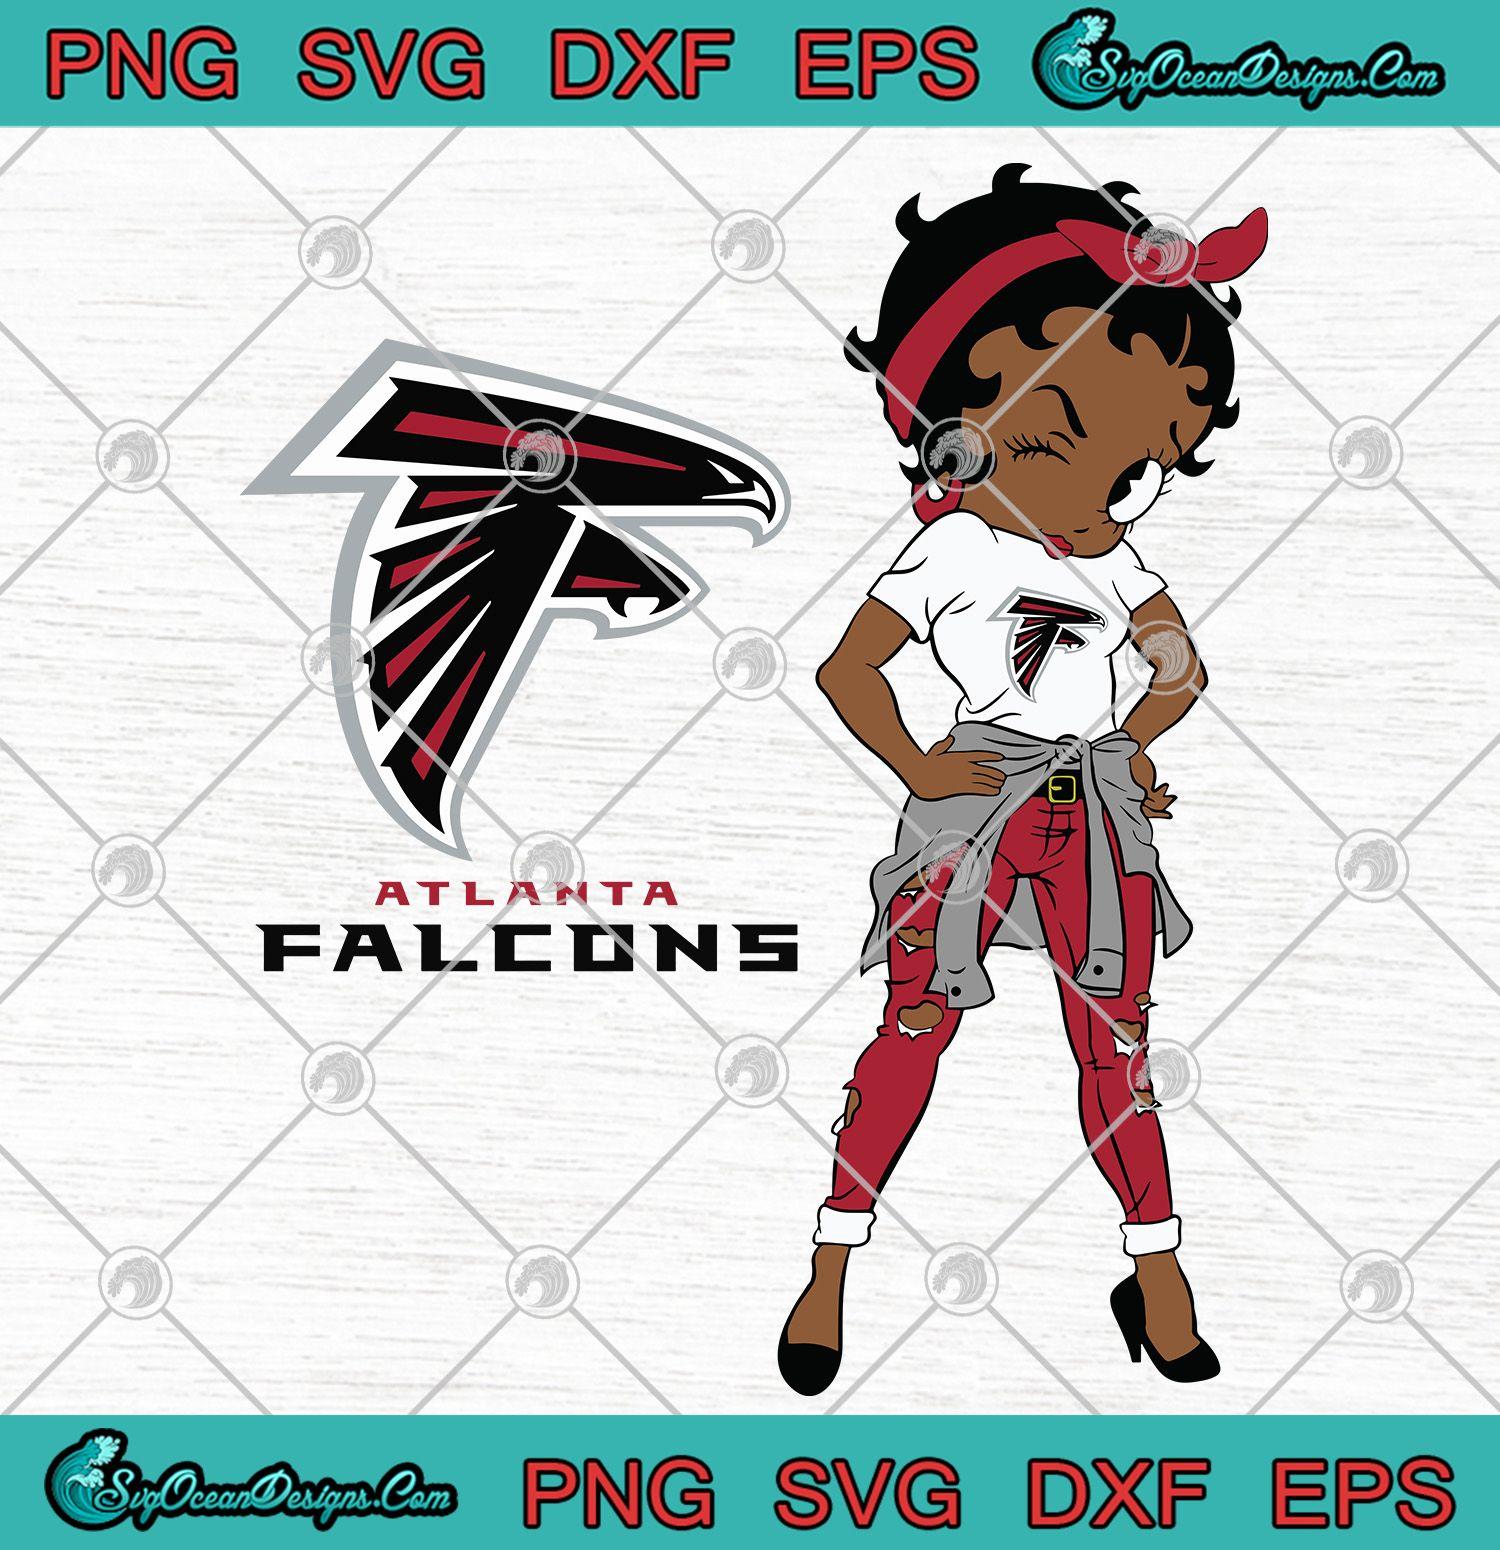 Atlanta Falcons Logo Svg Eps Dxf Png Instant Download Craft Supplies Tools Prints Digital Prints Atlanta Falcons Team Football Logo In 2020 Atlanta Falcons Team Football Logo Atlanta Falcons Logo